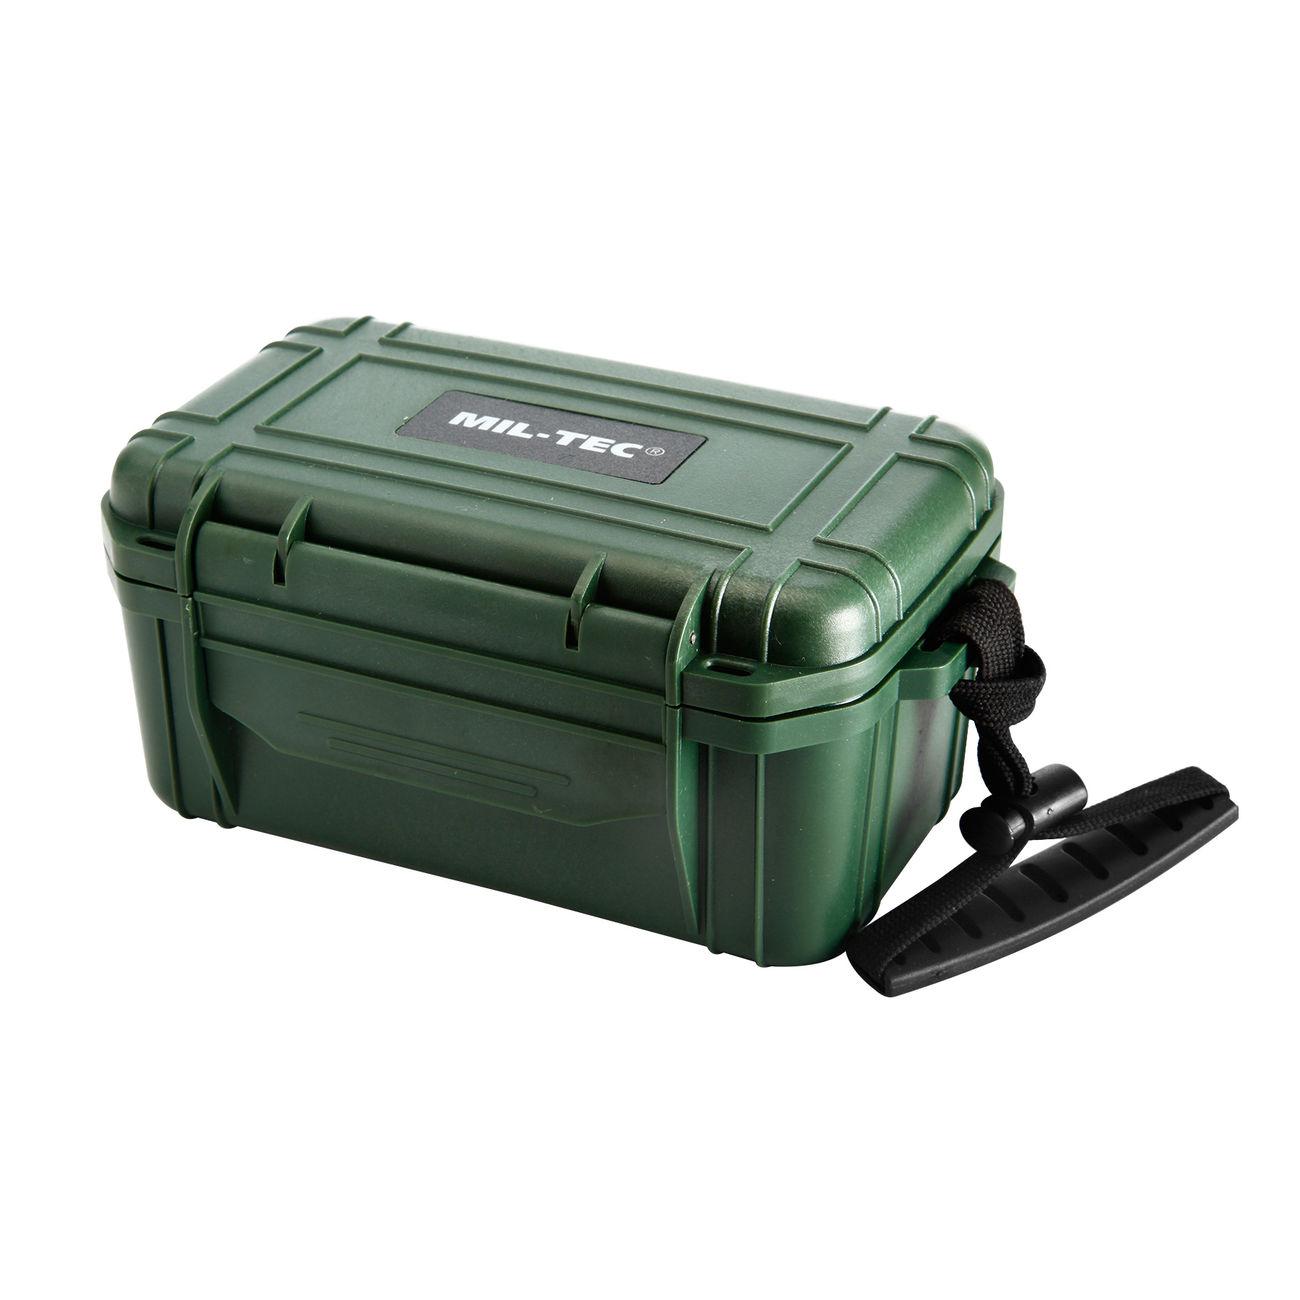 mil tec erste hilfe box camping first aid kit wasserdicht oliv kotte zeller. Black Bedroom Furniture Sets. Home Design Ideas